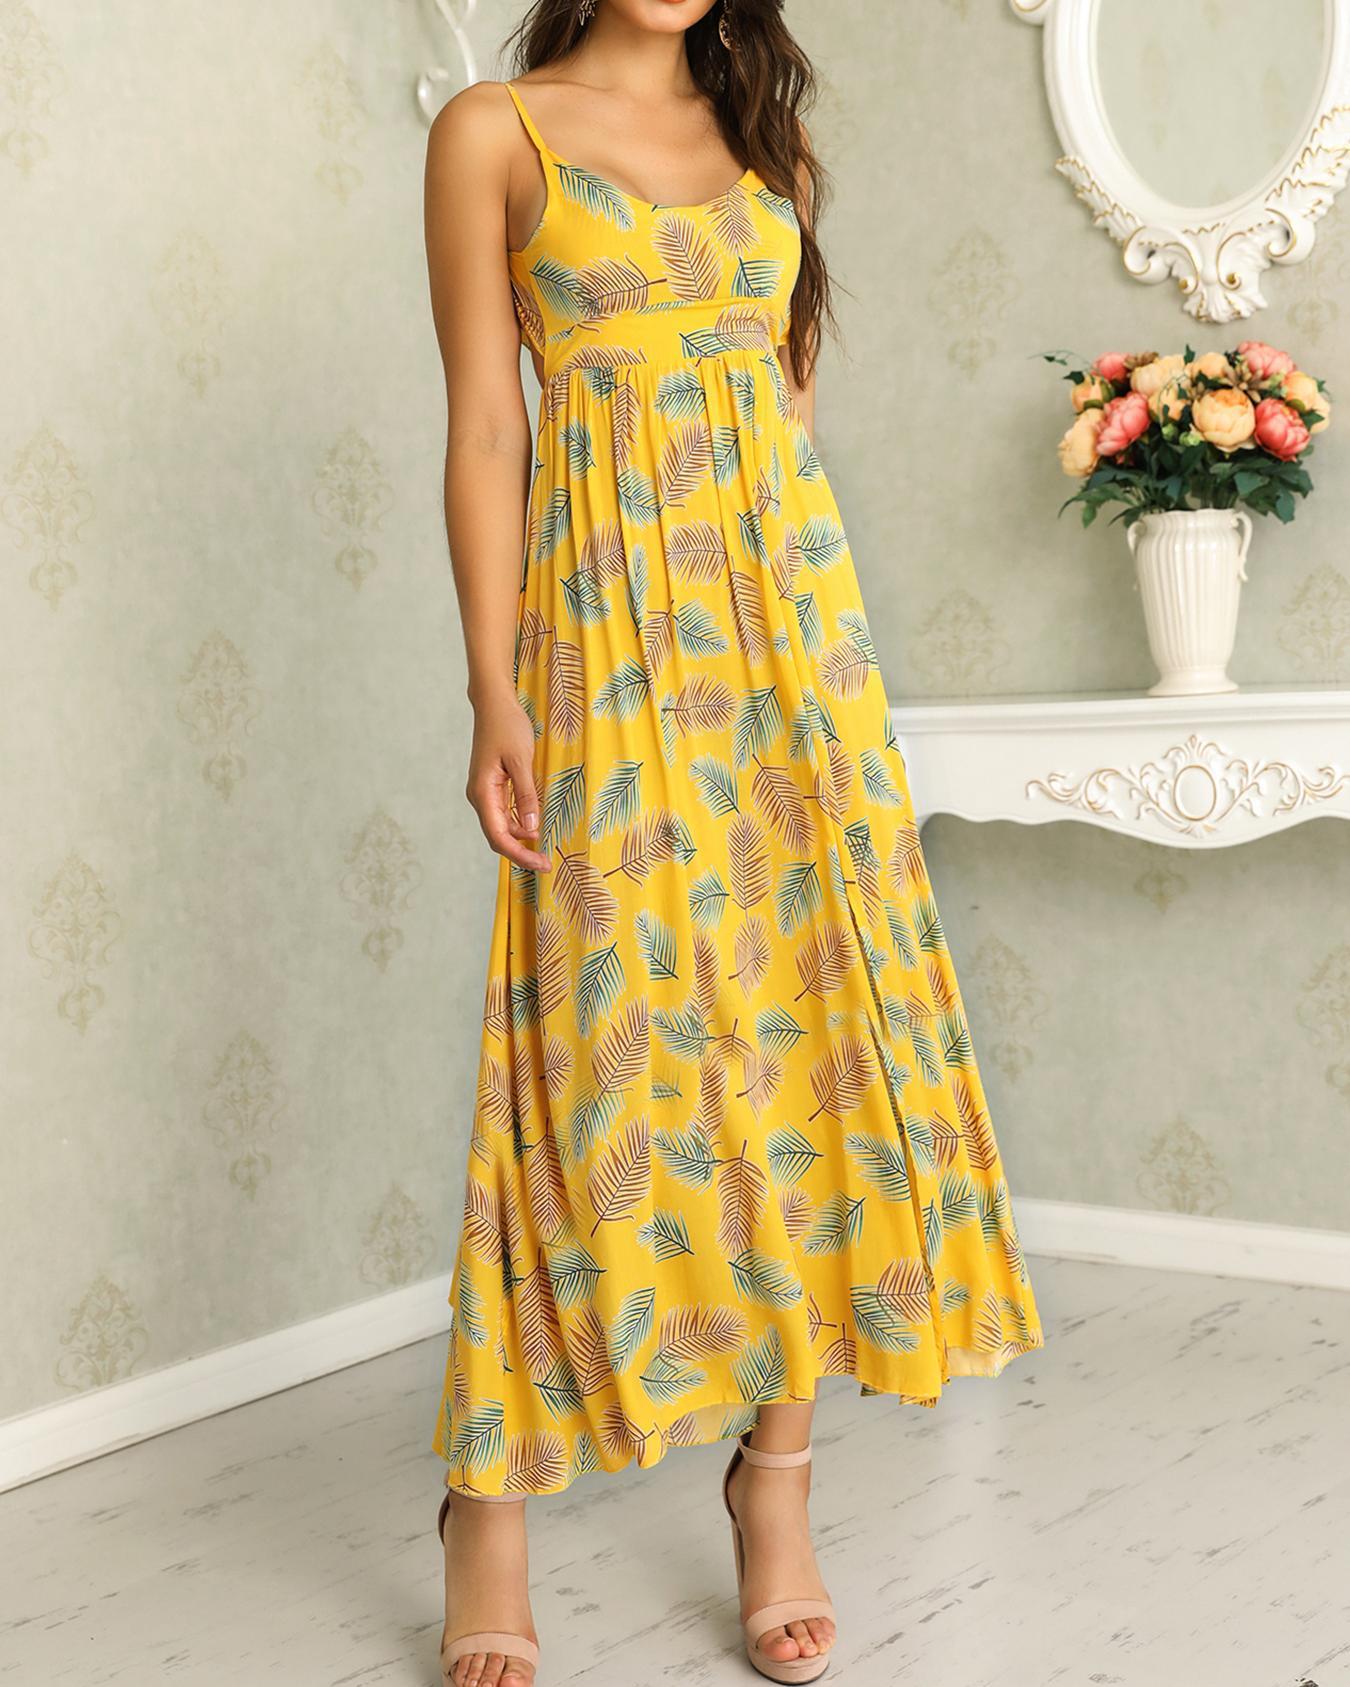 boutiquefeel / Vestido Casual anudado con espalda descubierta y estampado de palmas